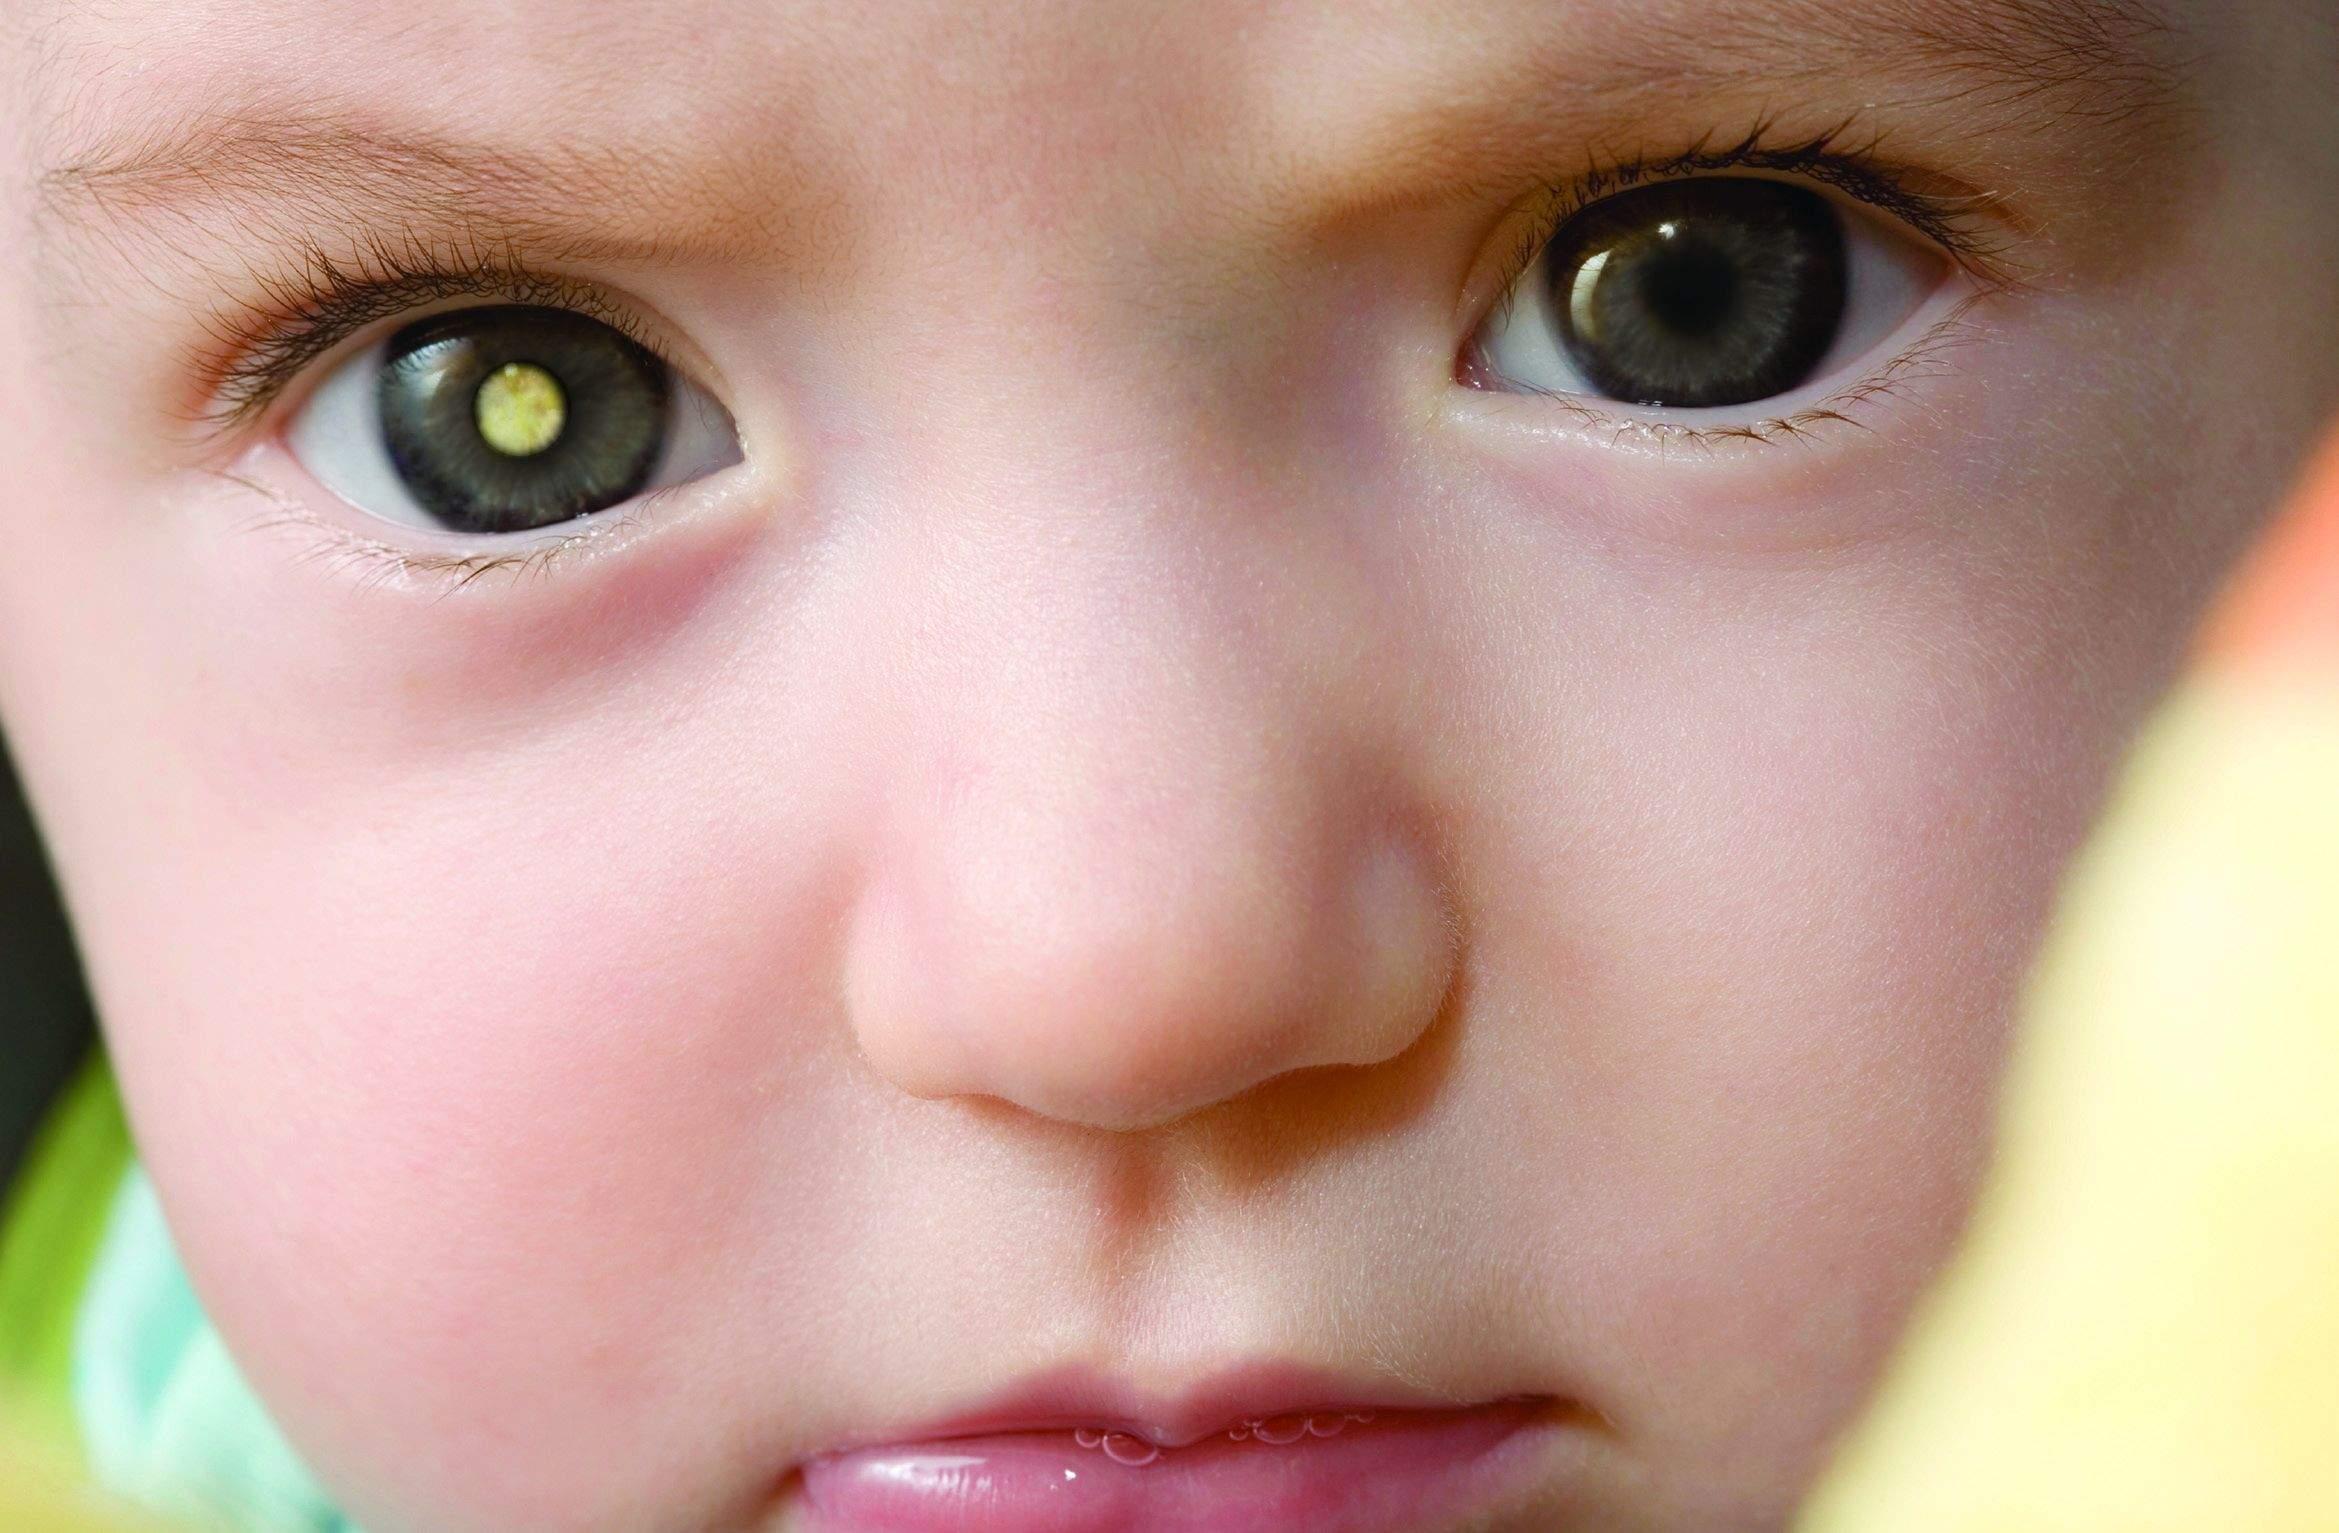 6dcbd3fb6 Crianças que estão em risco de desenvolver retinoblastoma devem receber  aconselhamento e testes genéticos o mais rápido possível para determinar o  risco da ...